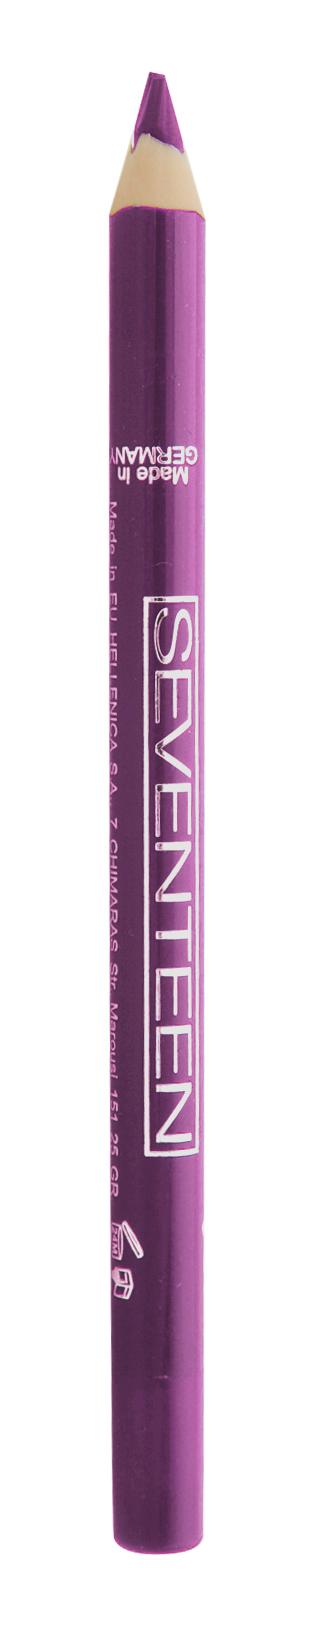 SEVENTEEN Карандаш водостойкий с витамином Е для губ, 33 холодный виноградный / Super Smooth W/P Lip Liner 1,2 г